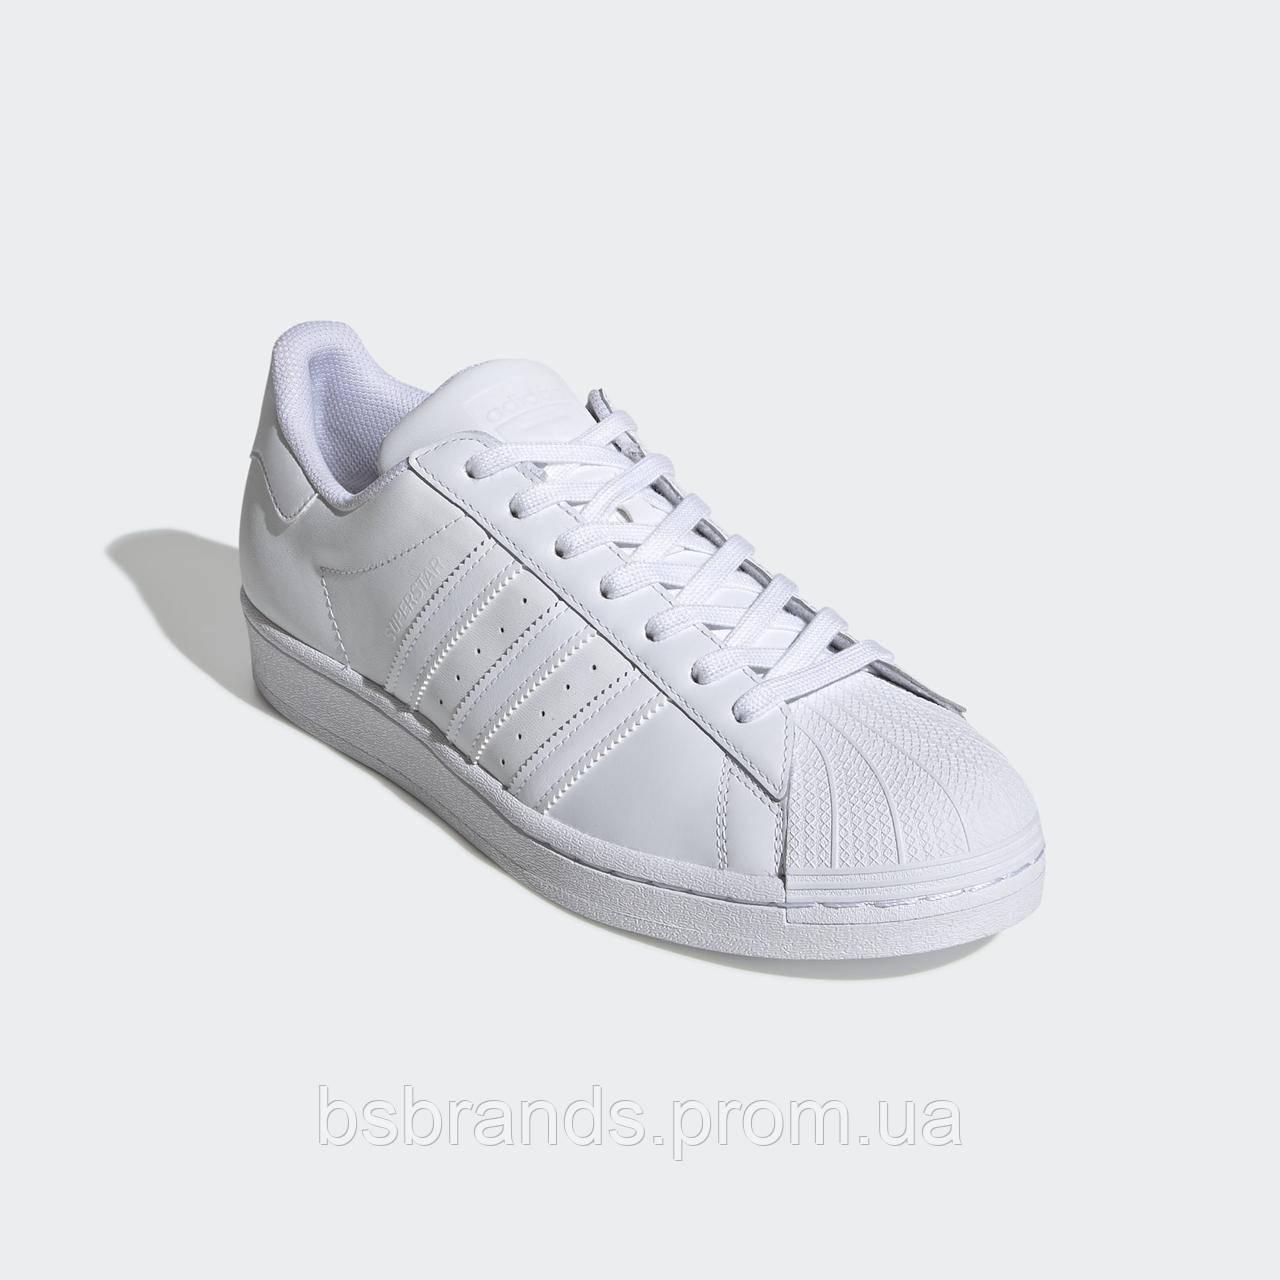 Чоловічі кросівки adidas Superstar EG4960